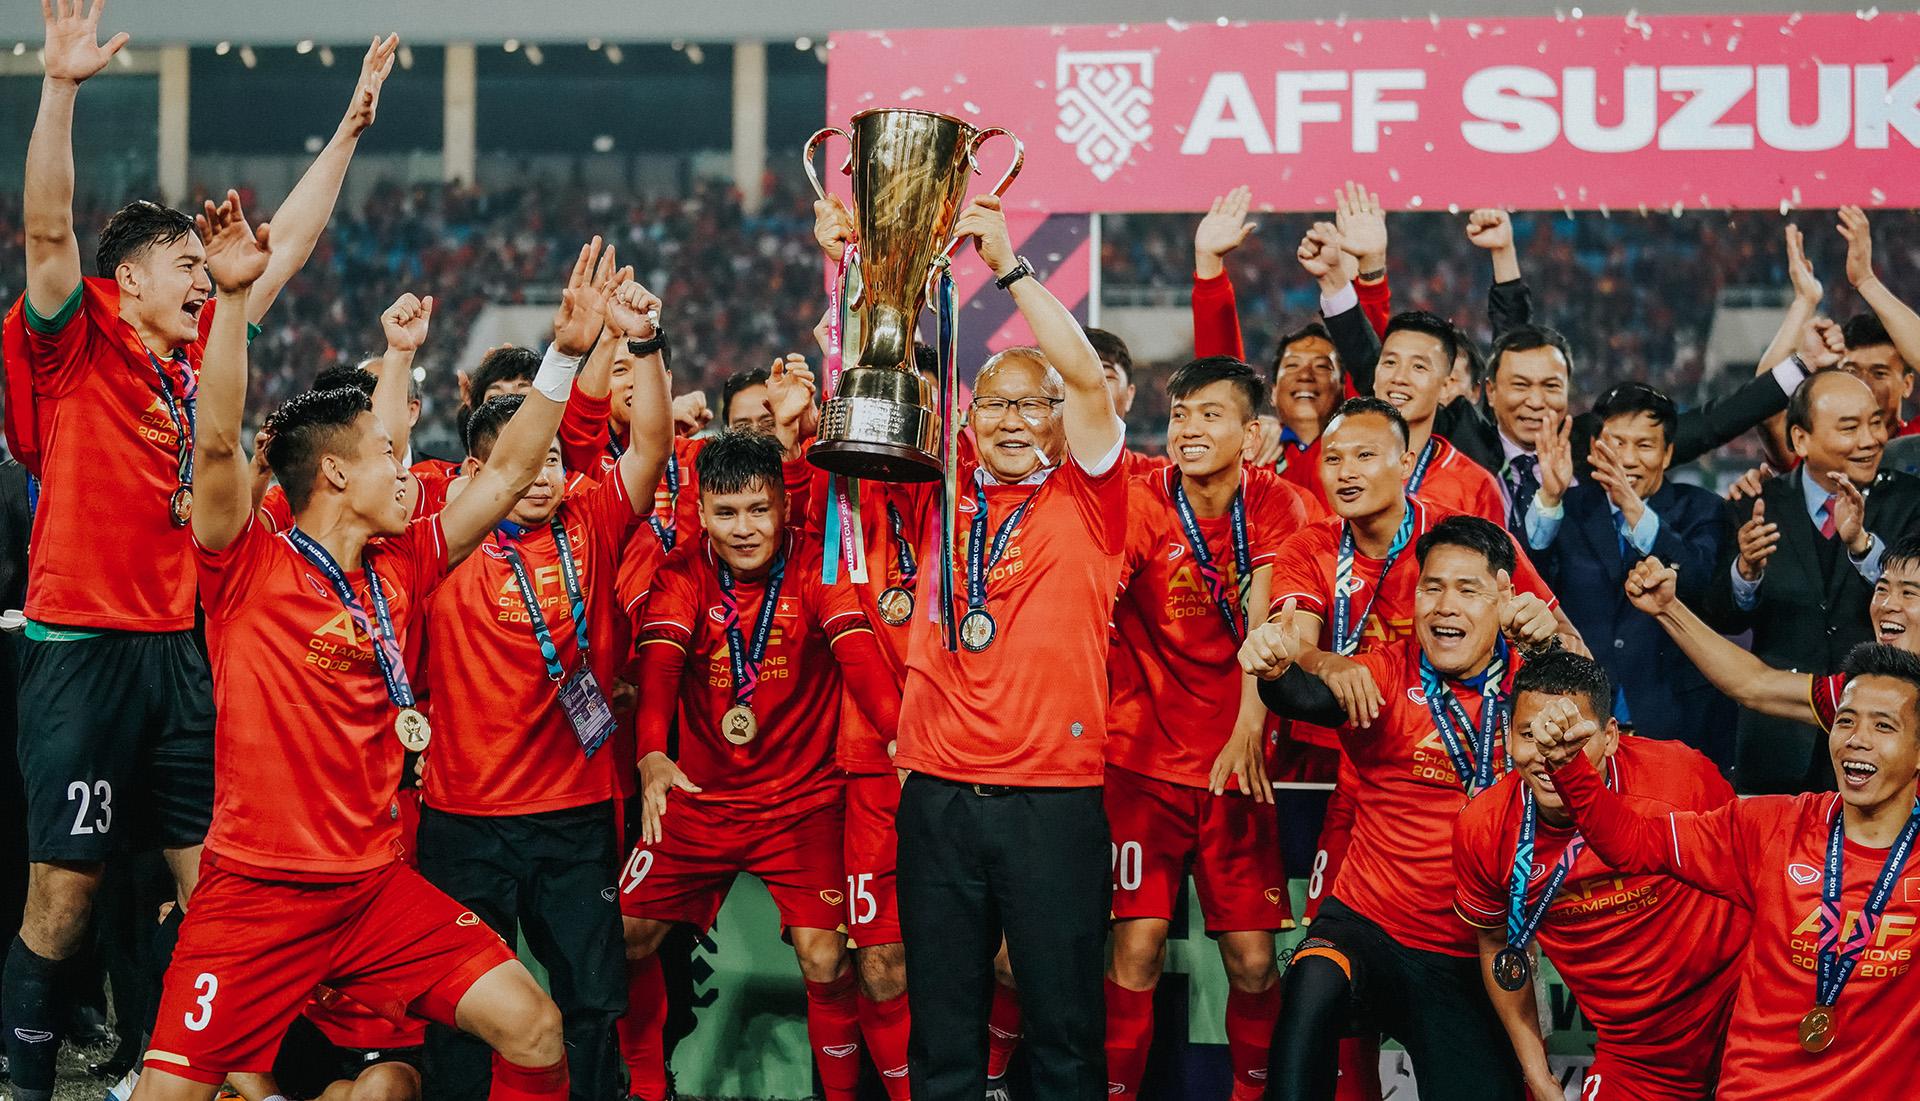 Thầy Park và học trò đăng quang trong giải AFF Cup. (Ảnh qua Độc Lập)